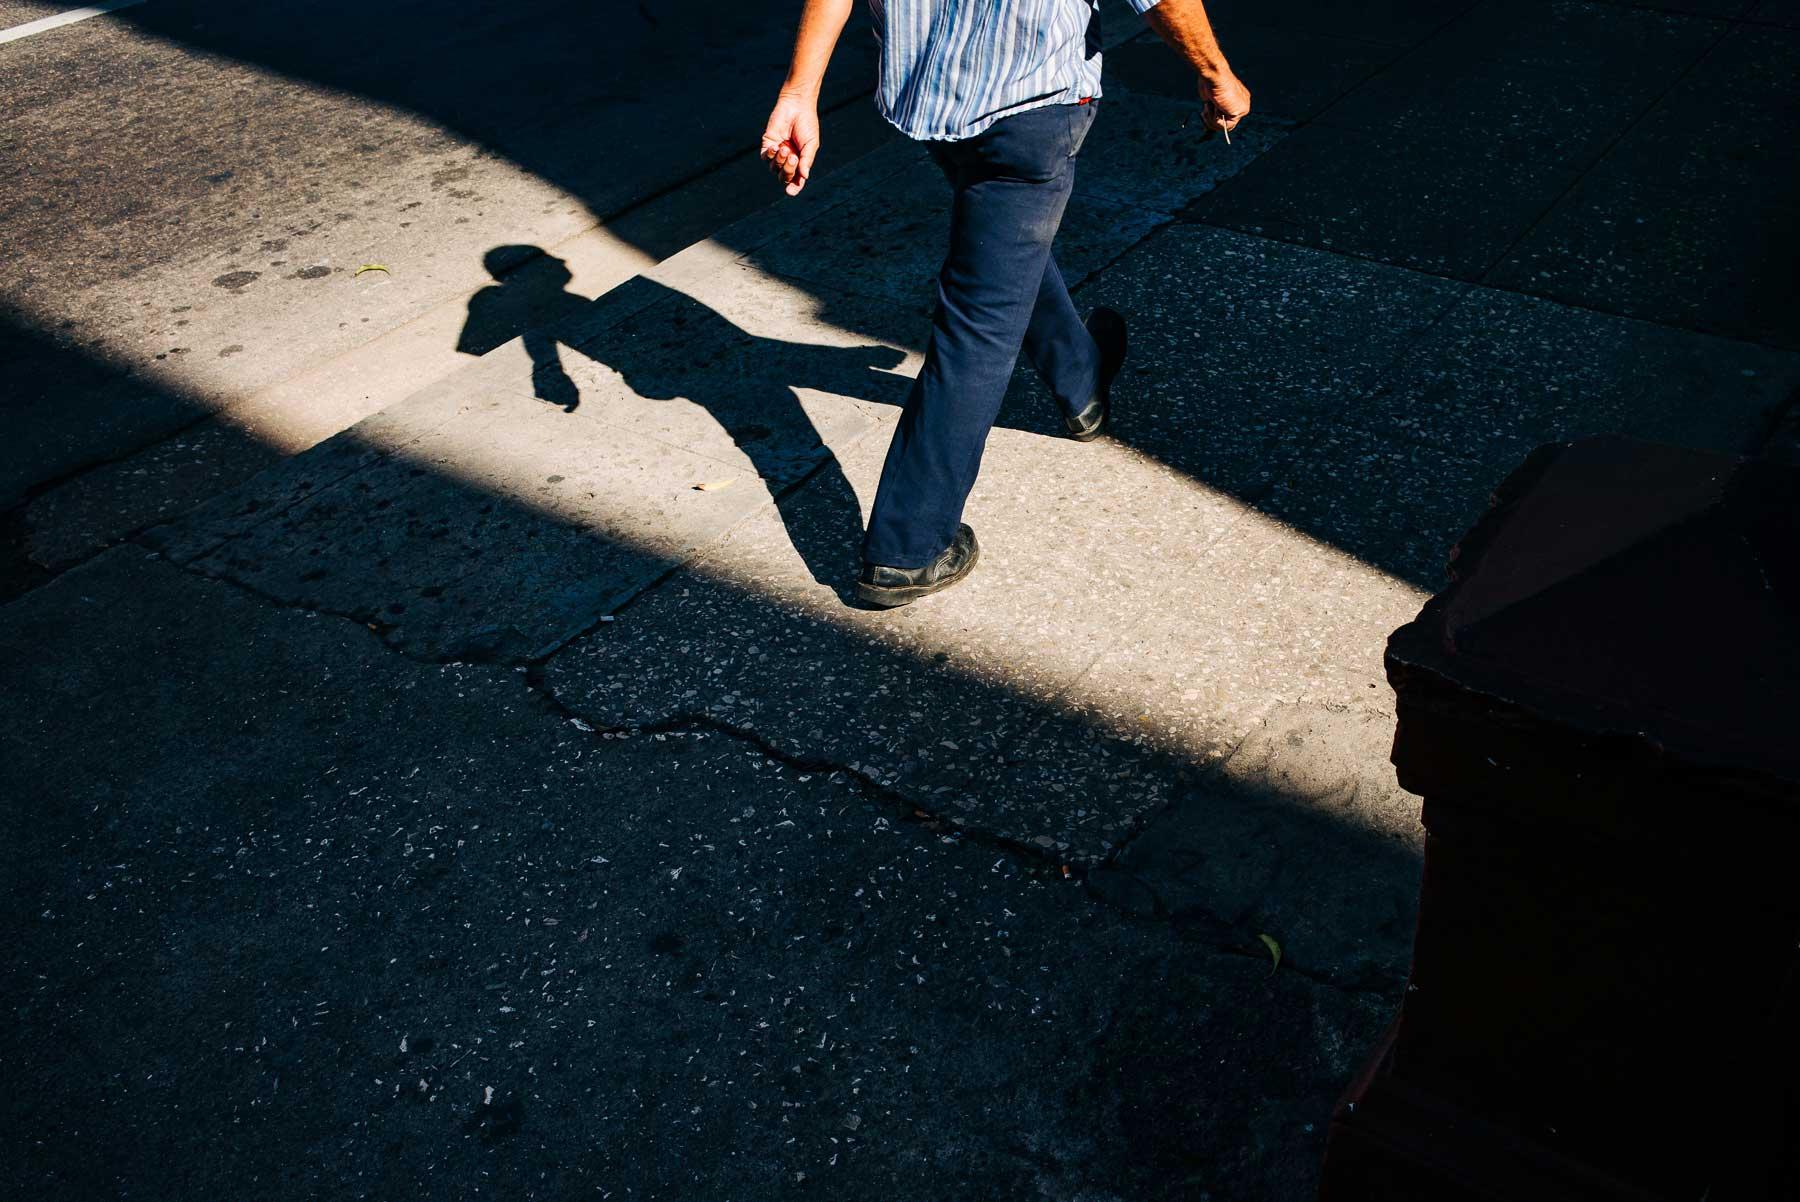 havana_cuba_workshop_photographers_05.jpg